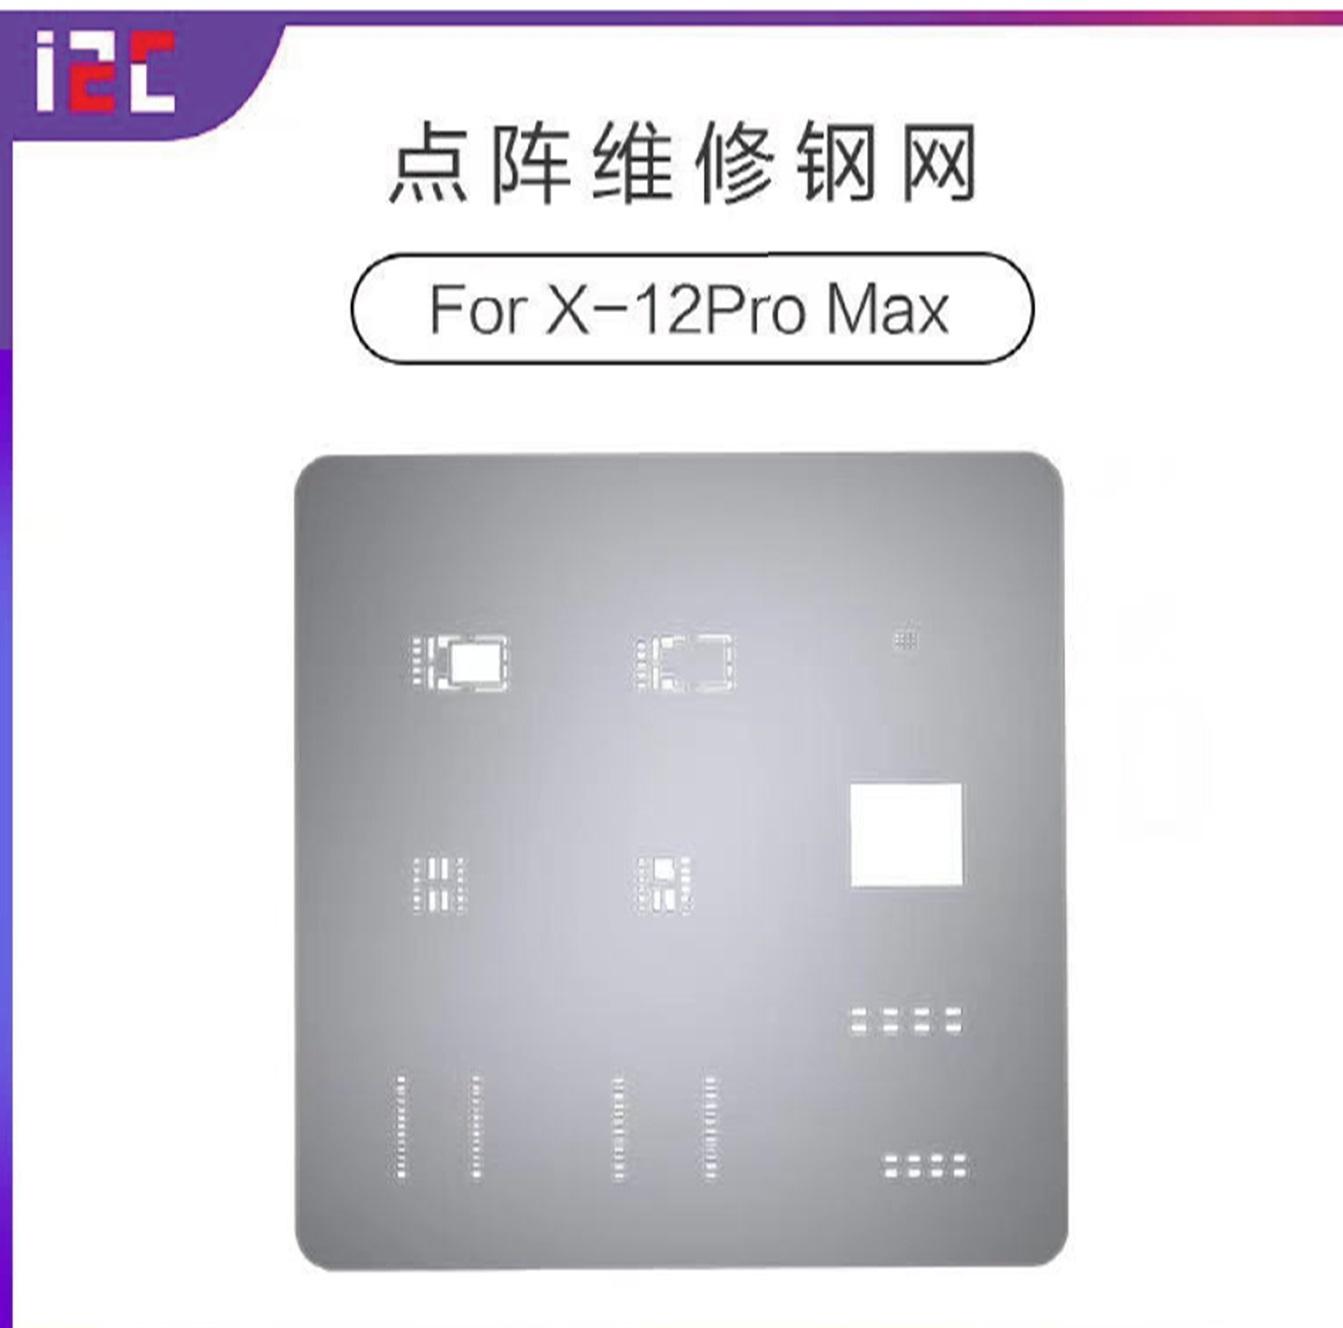 Stencil / Estêncil de matriz de pontos de ID face i2C para iPhone X-12 pro max